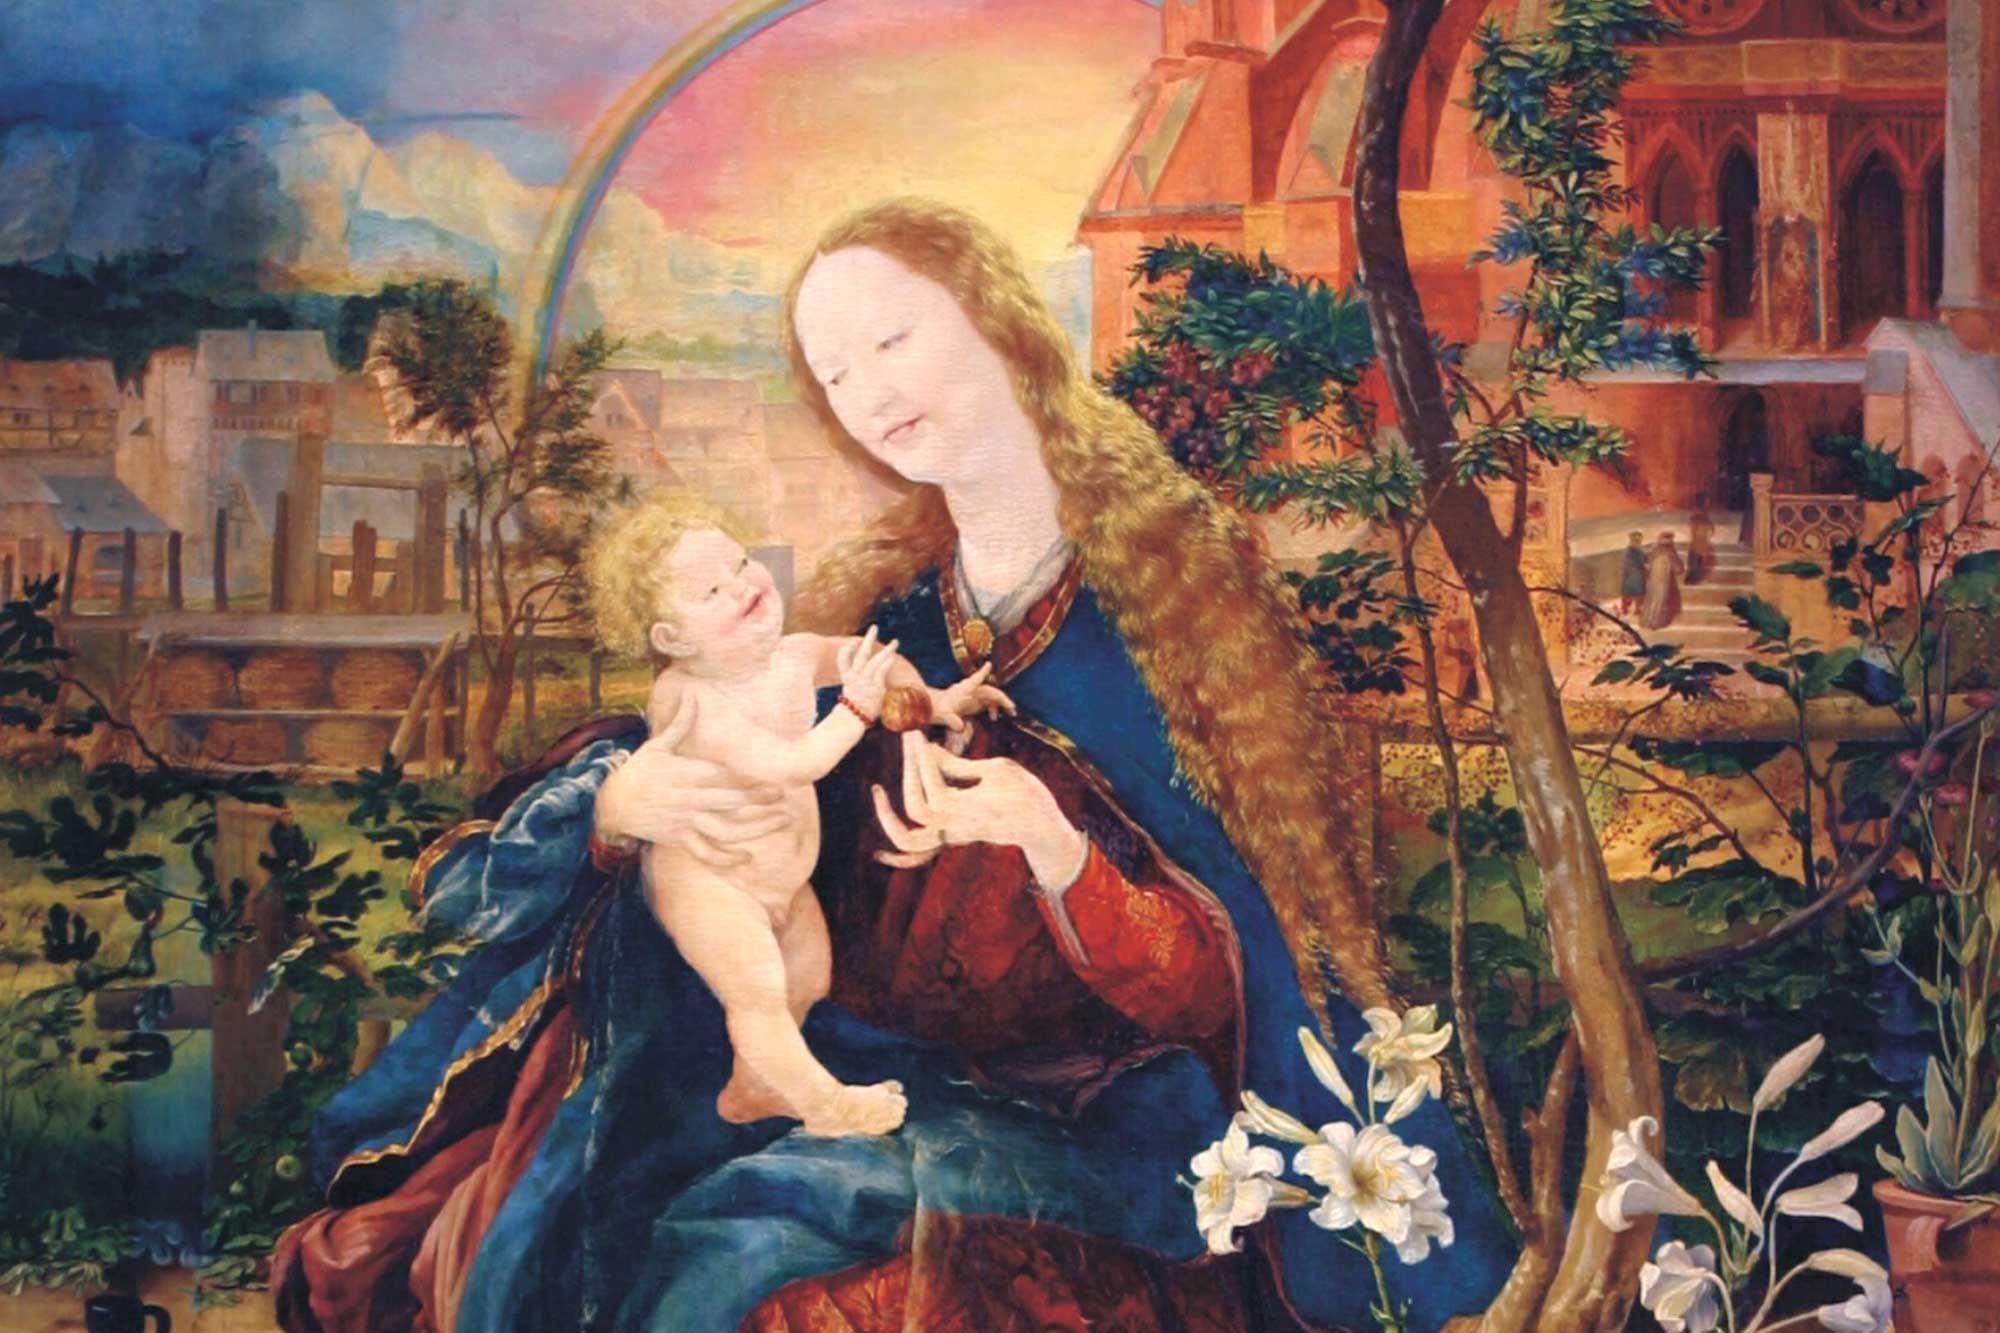 Die drei Marien als Urbilder des Weiblichen im Werden unseres MenschenSeins